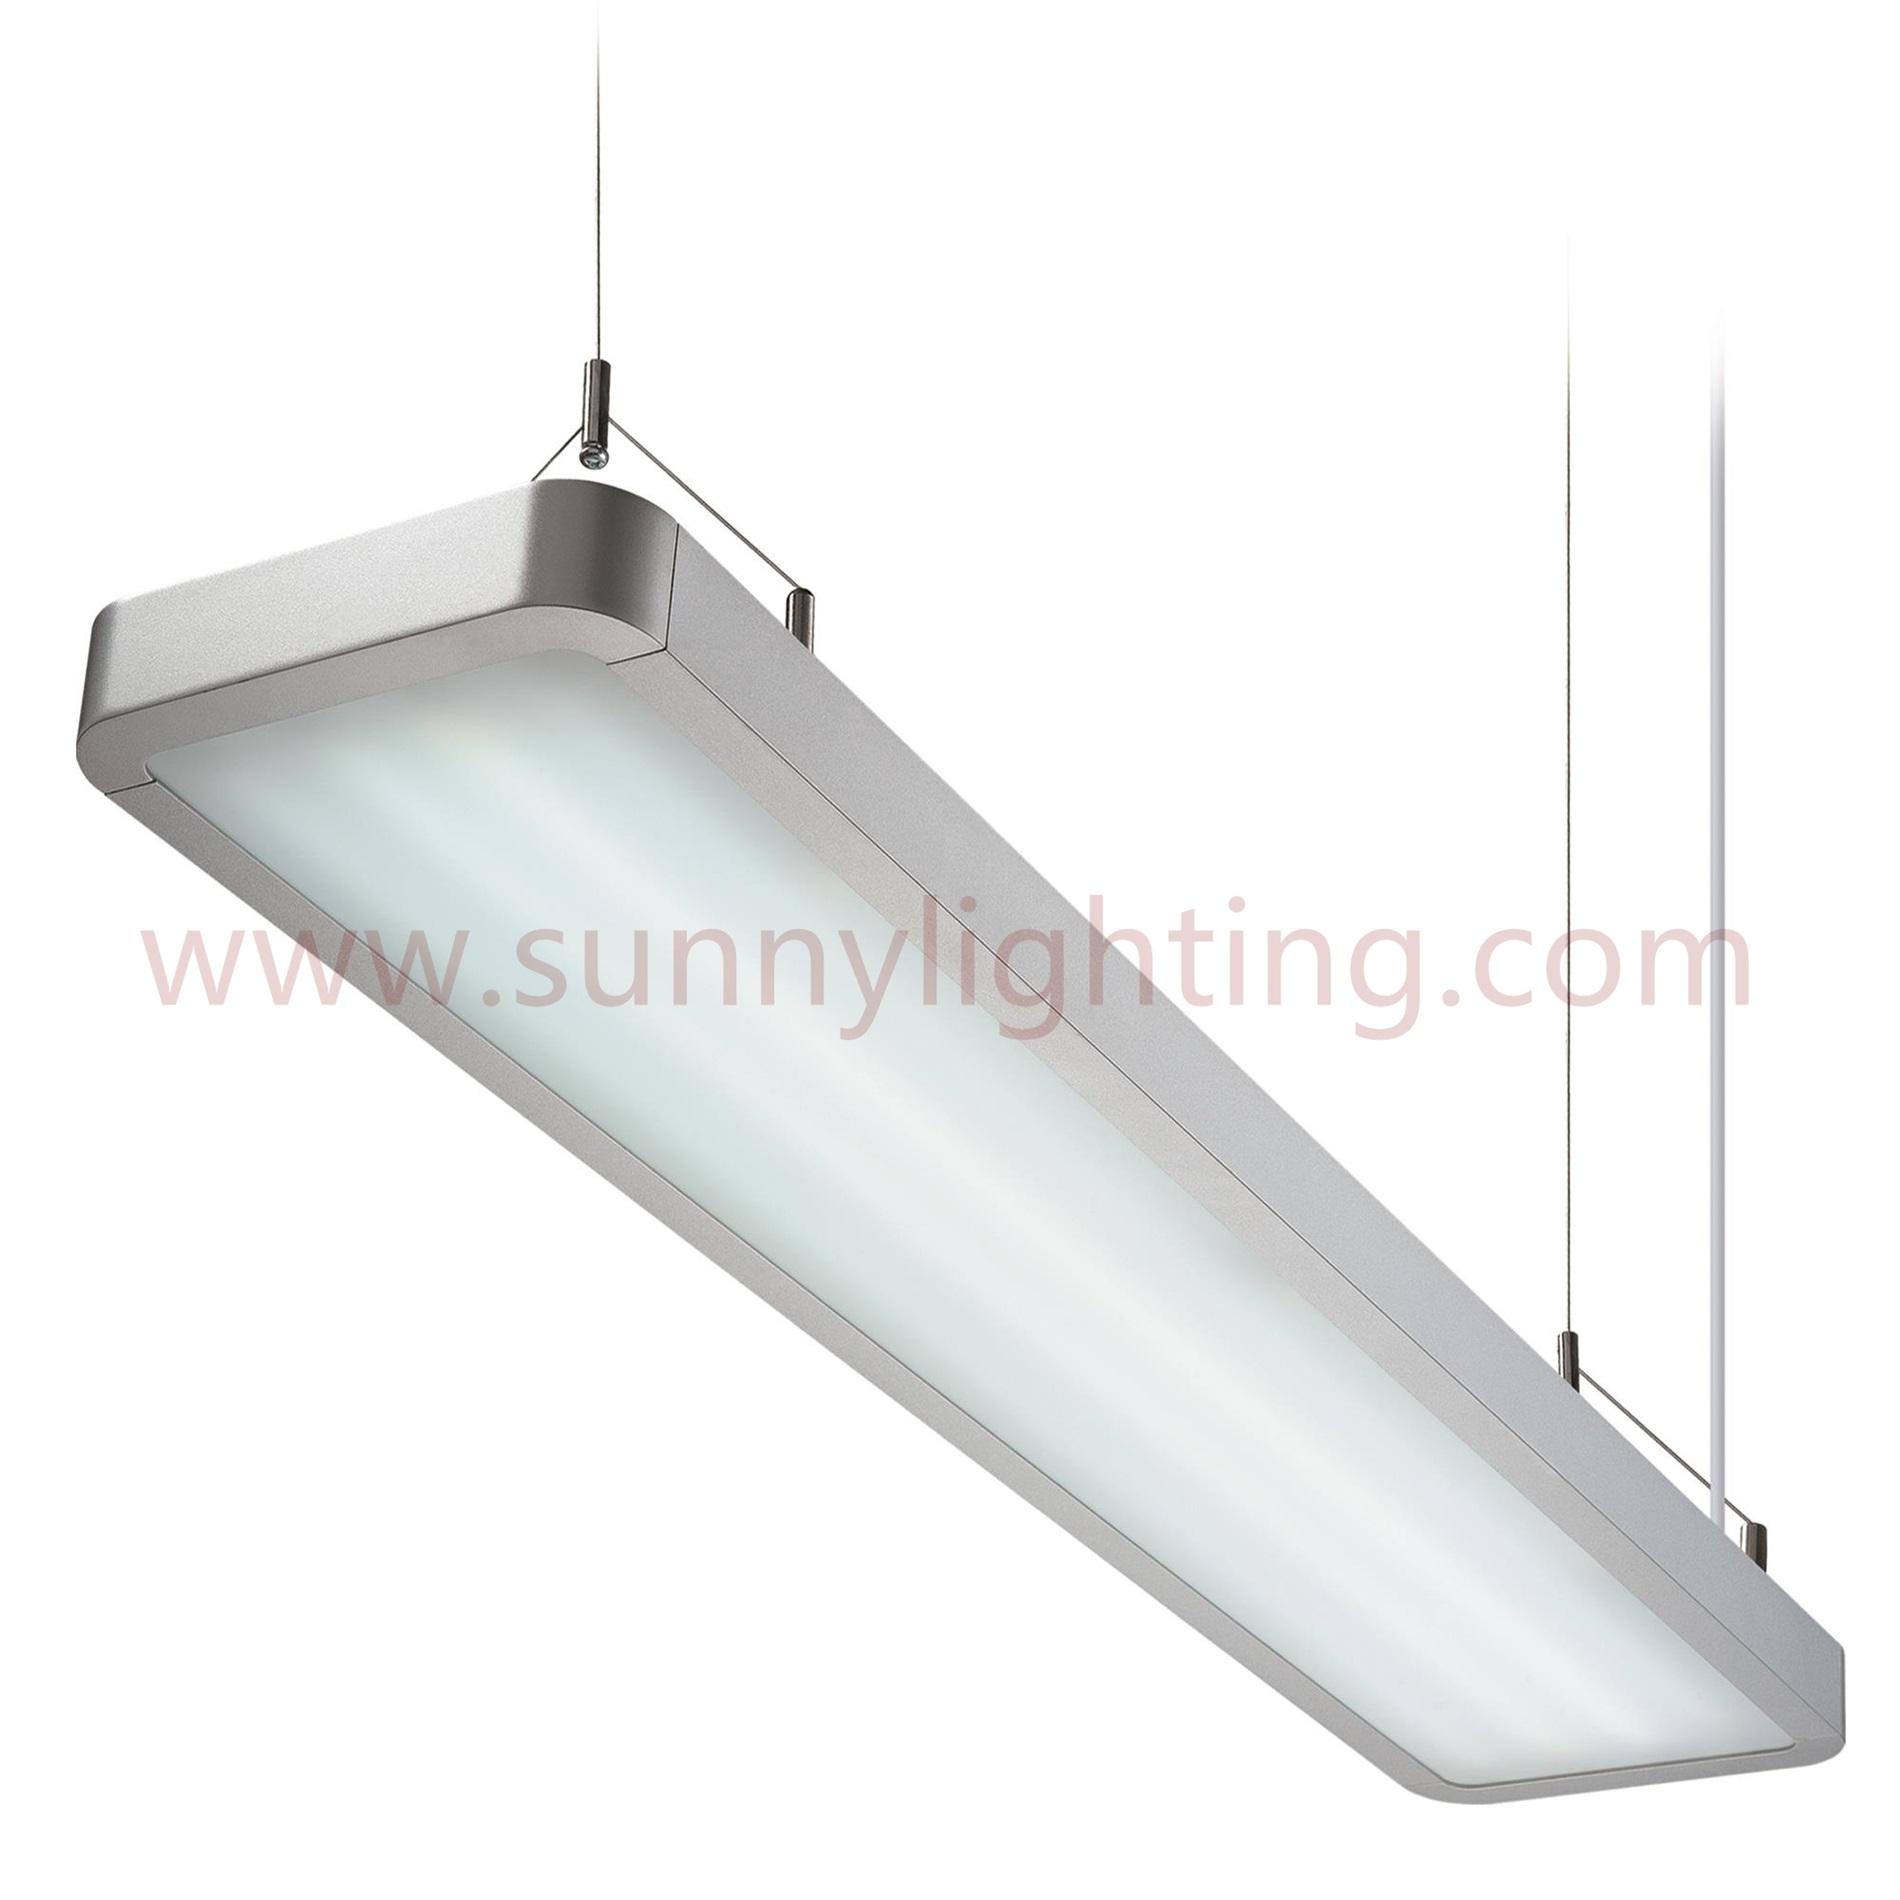 LED Linear Light 28.8W/43.2W/57.6W/72W LED-011